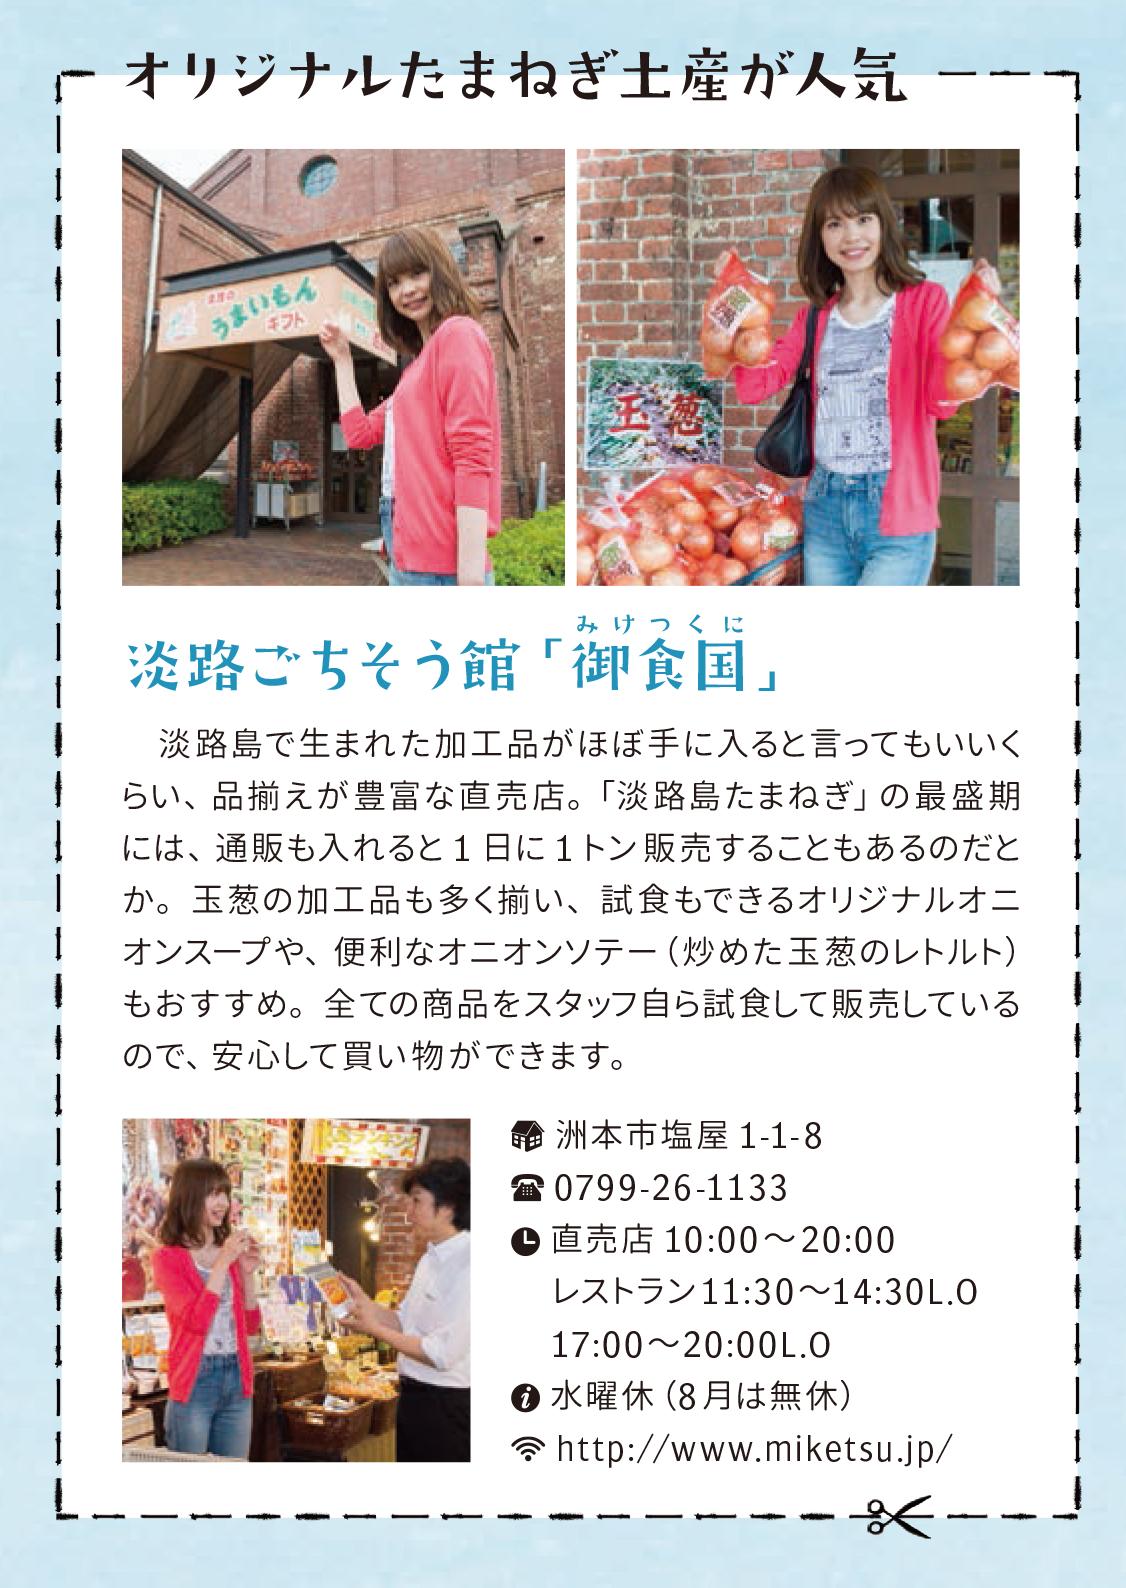 OishiiAwaji_P10_miketsukuni